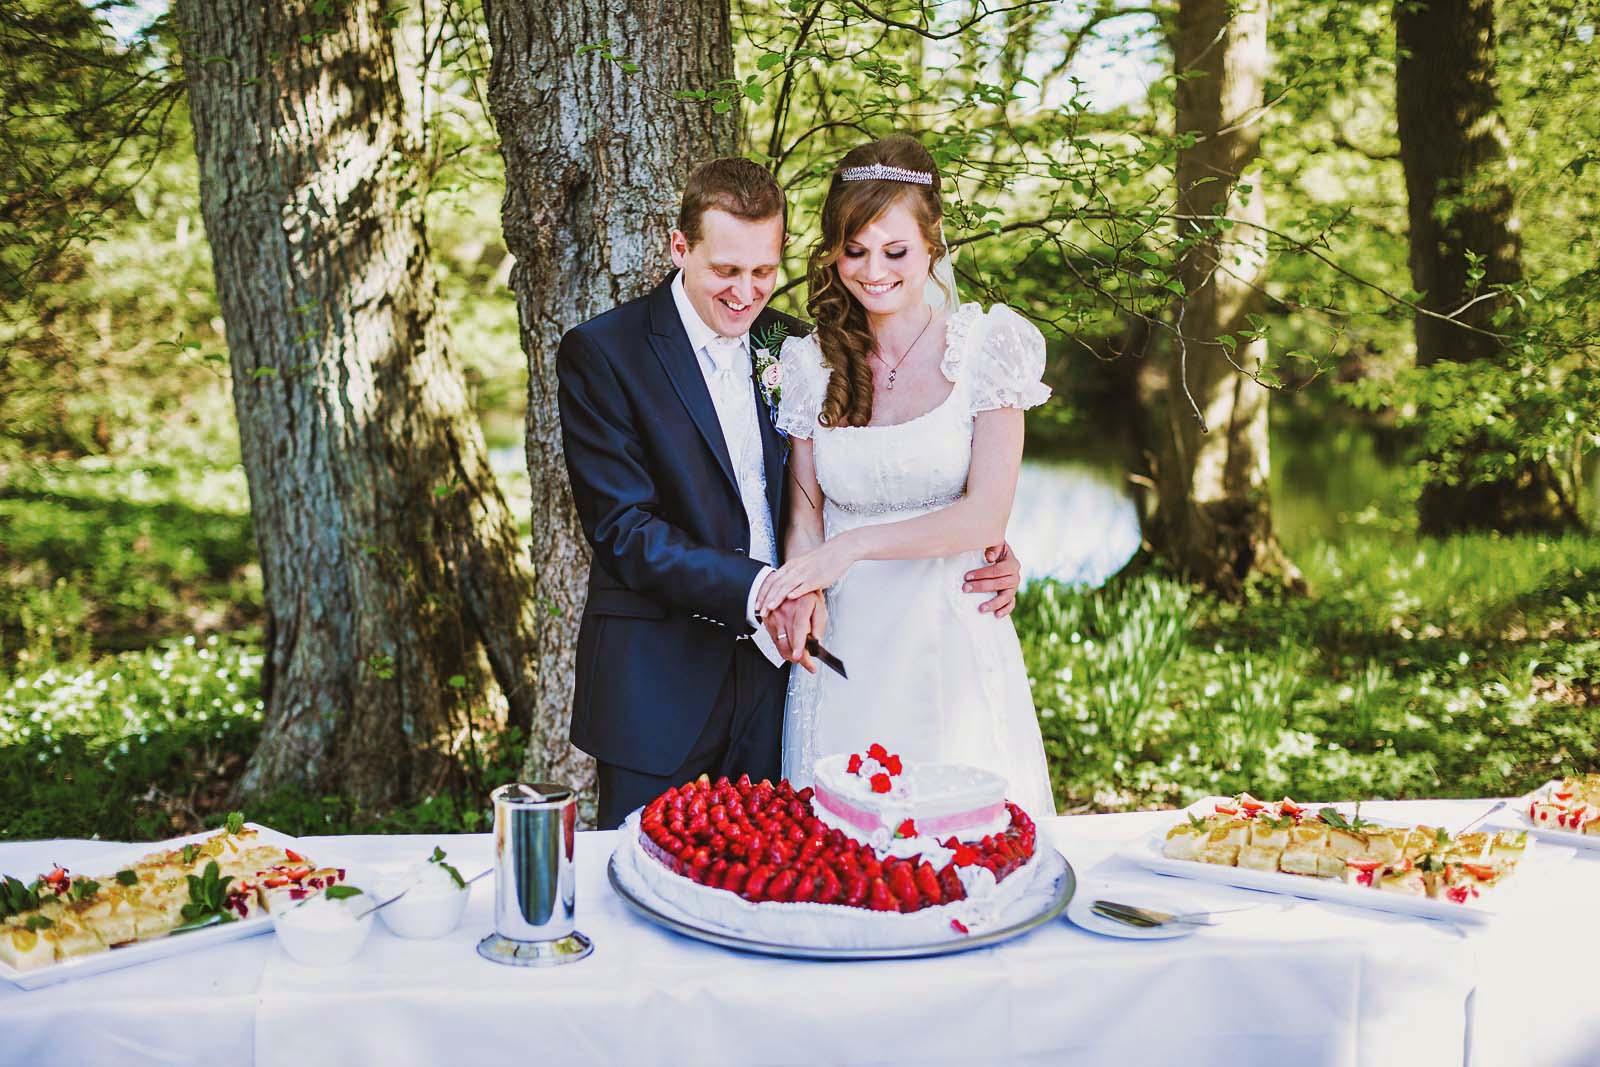 Brautpaar beim Anschnitt der Hochzeitstorte im Gutshaus Kubbelkow Copyright by Hochzeitsfotograf www.berliner-hochzeitsfotografie.de